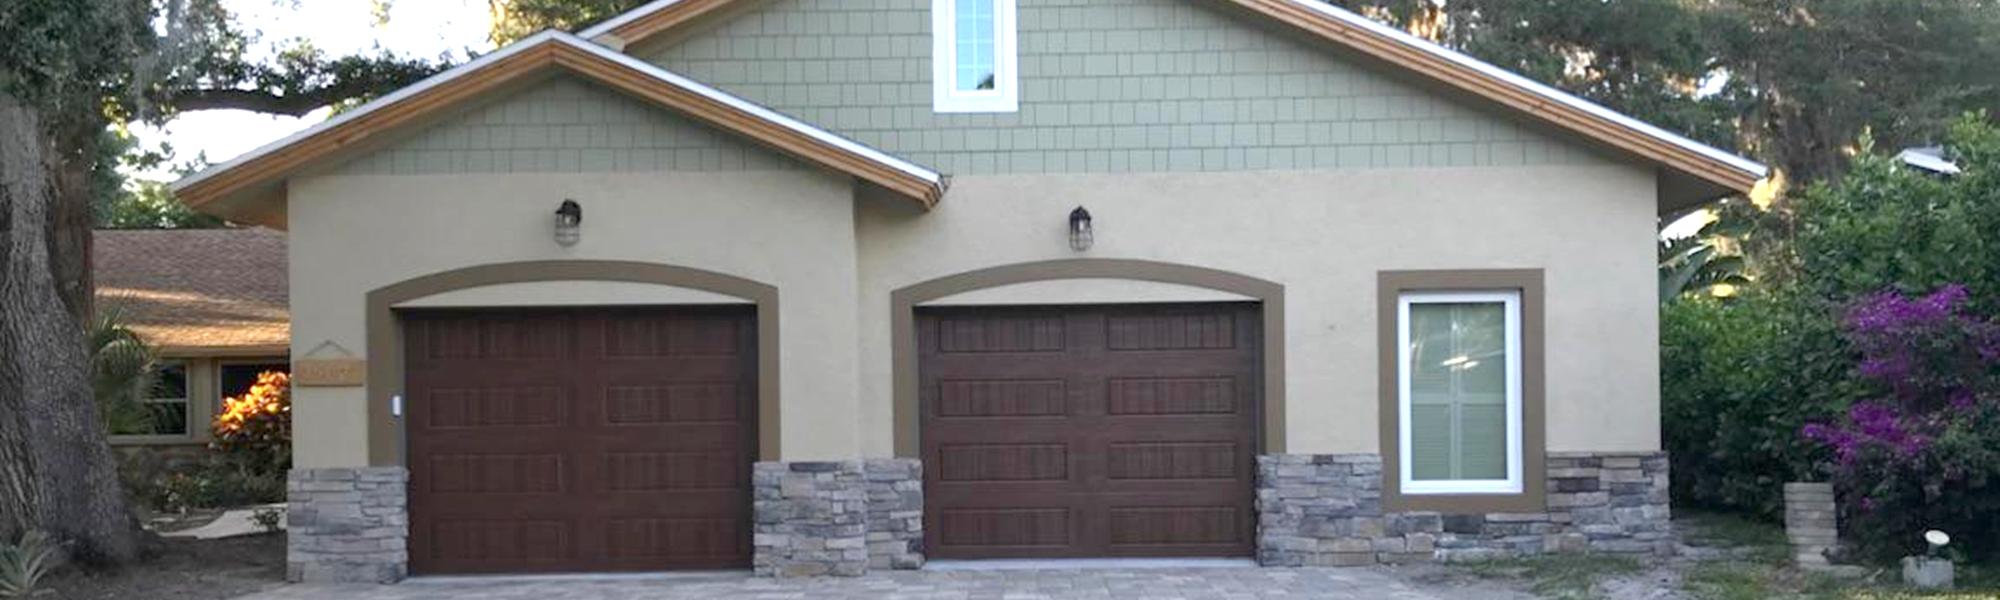 K-R-Brobst-Builder-garage-builder-in-Sarasota